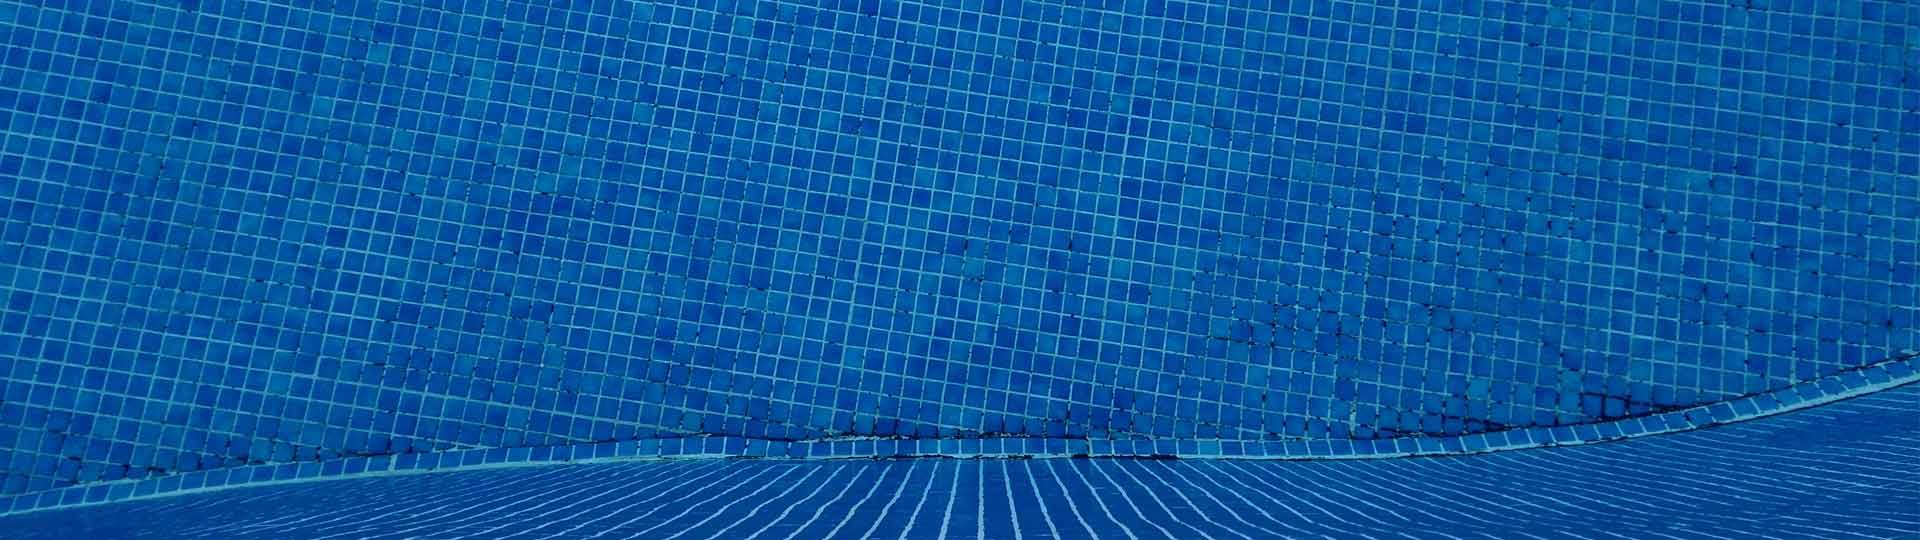 Cómo evitar que se congele el agua de tu piscina